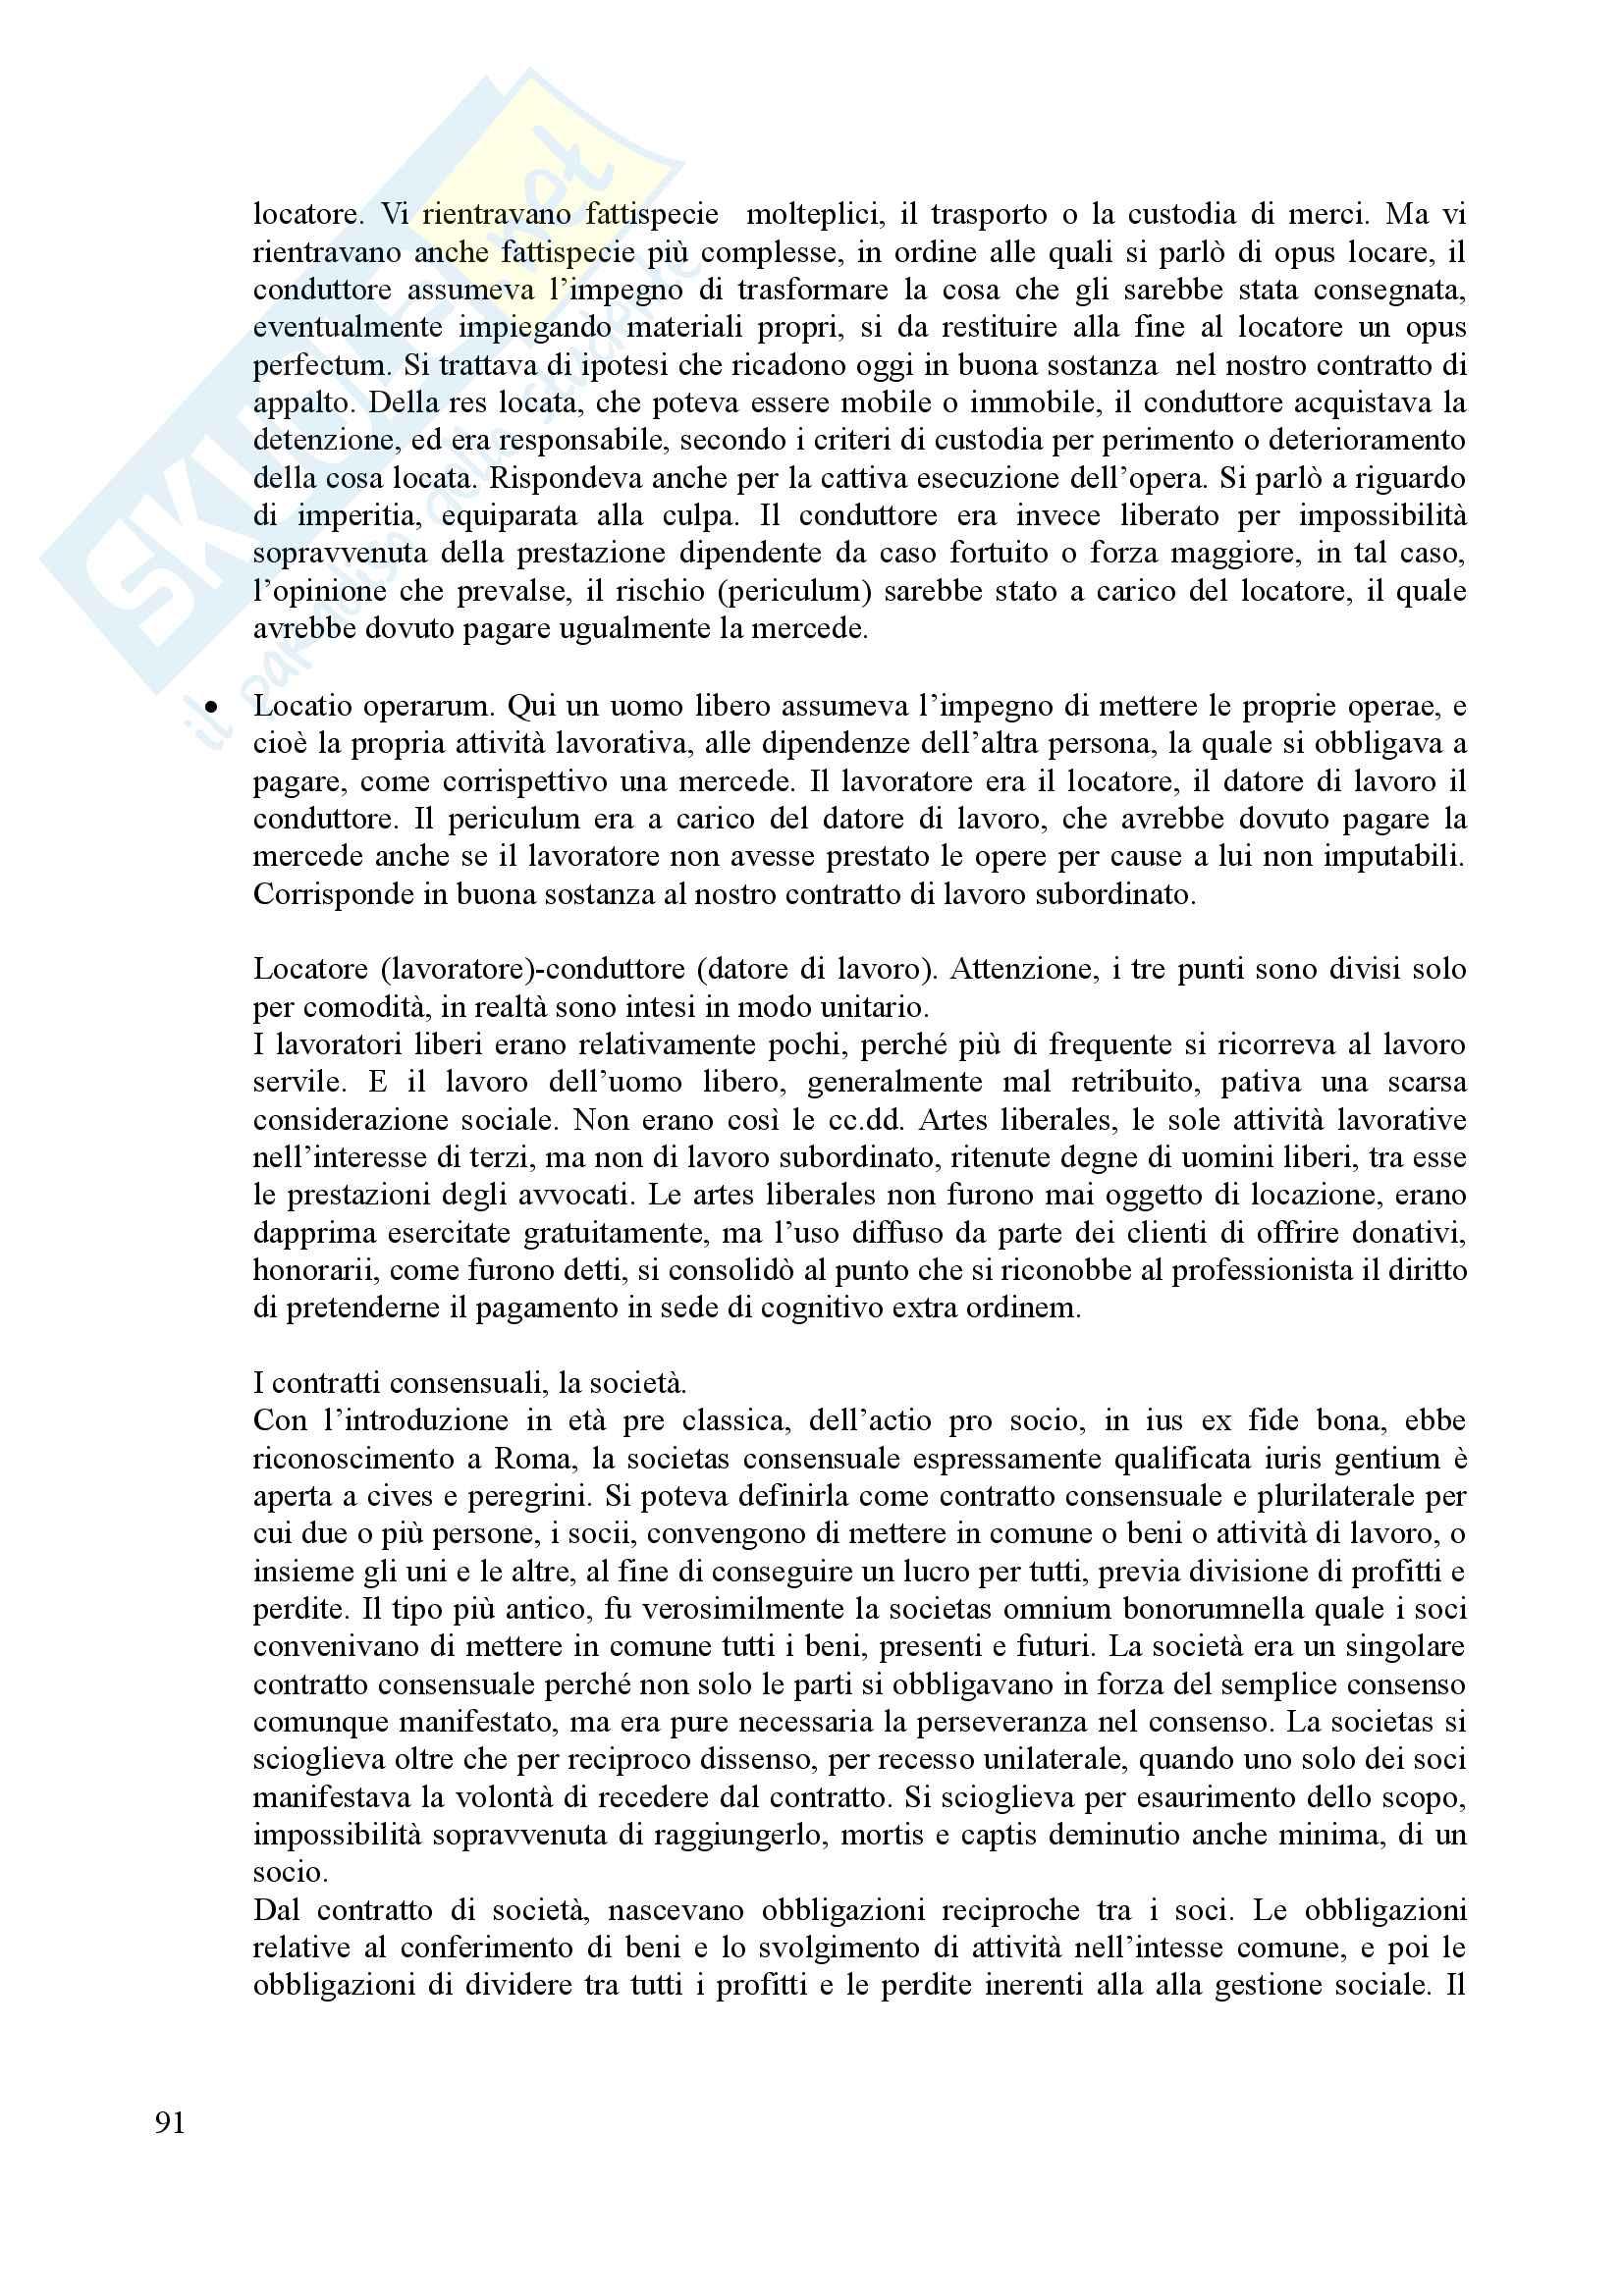 Riassunto per l'esame di istituzioni del diritto romano, prof. Dalla Massara Pag. 91